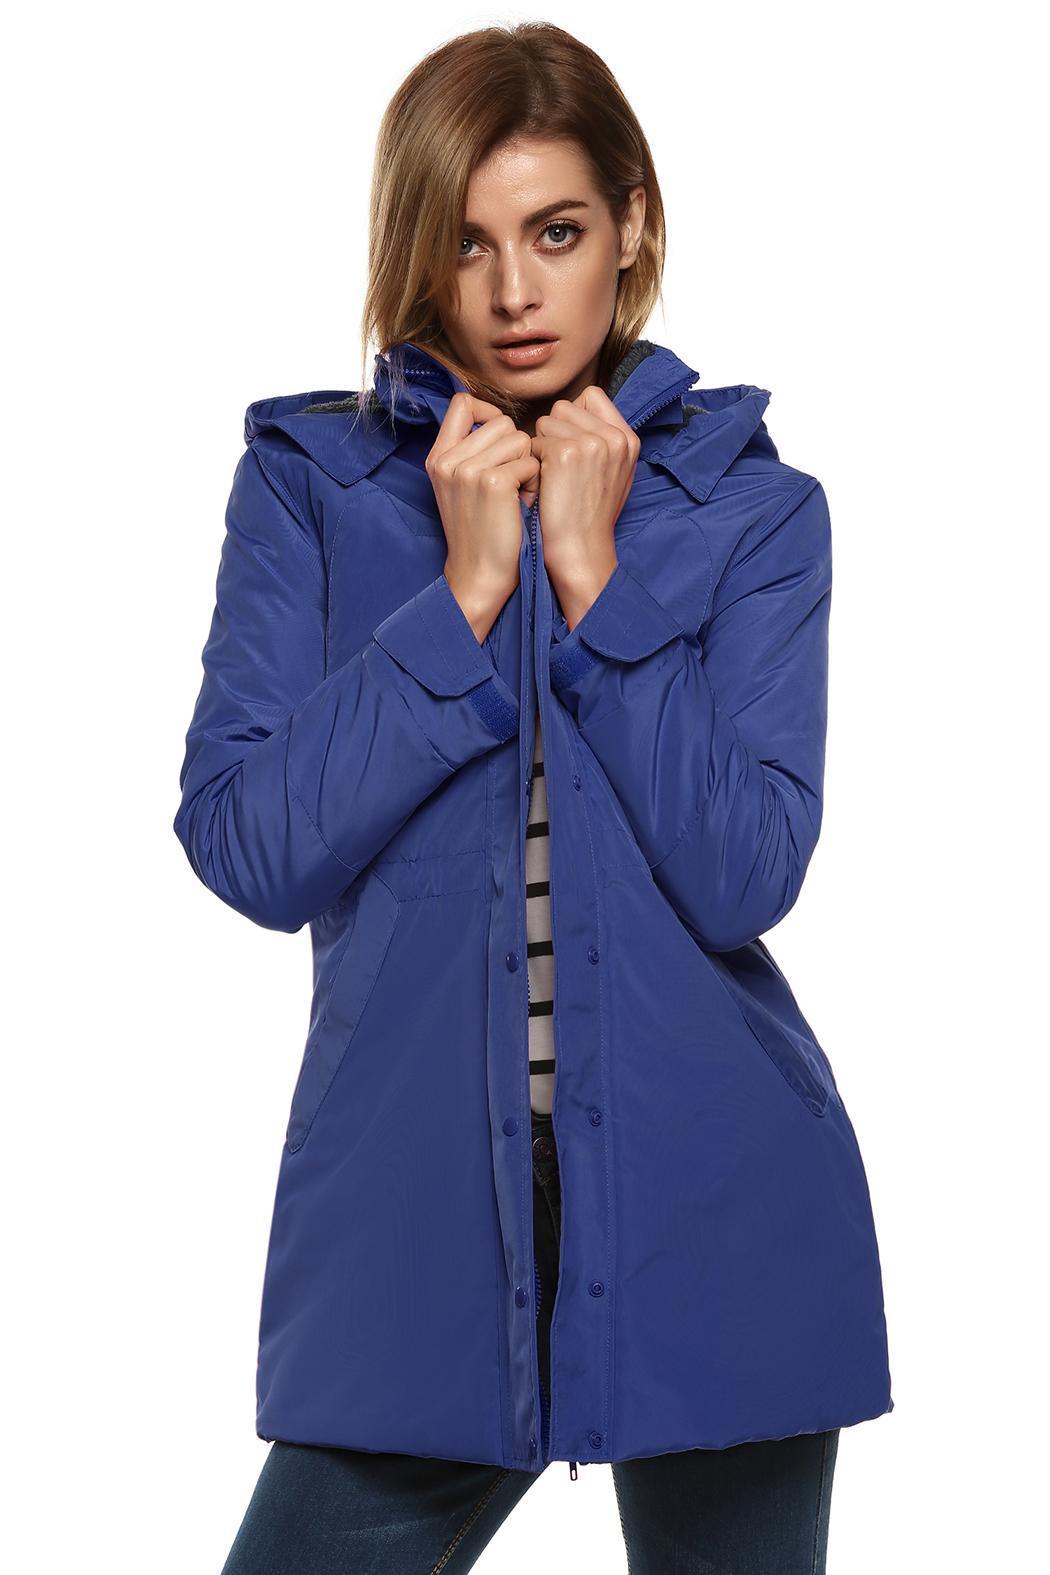 Women Casual Hooded Waterproof Windproof Long Coat Outwear 2